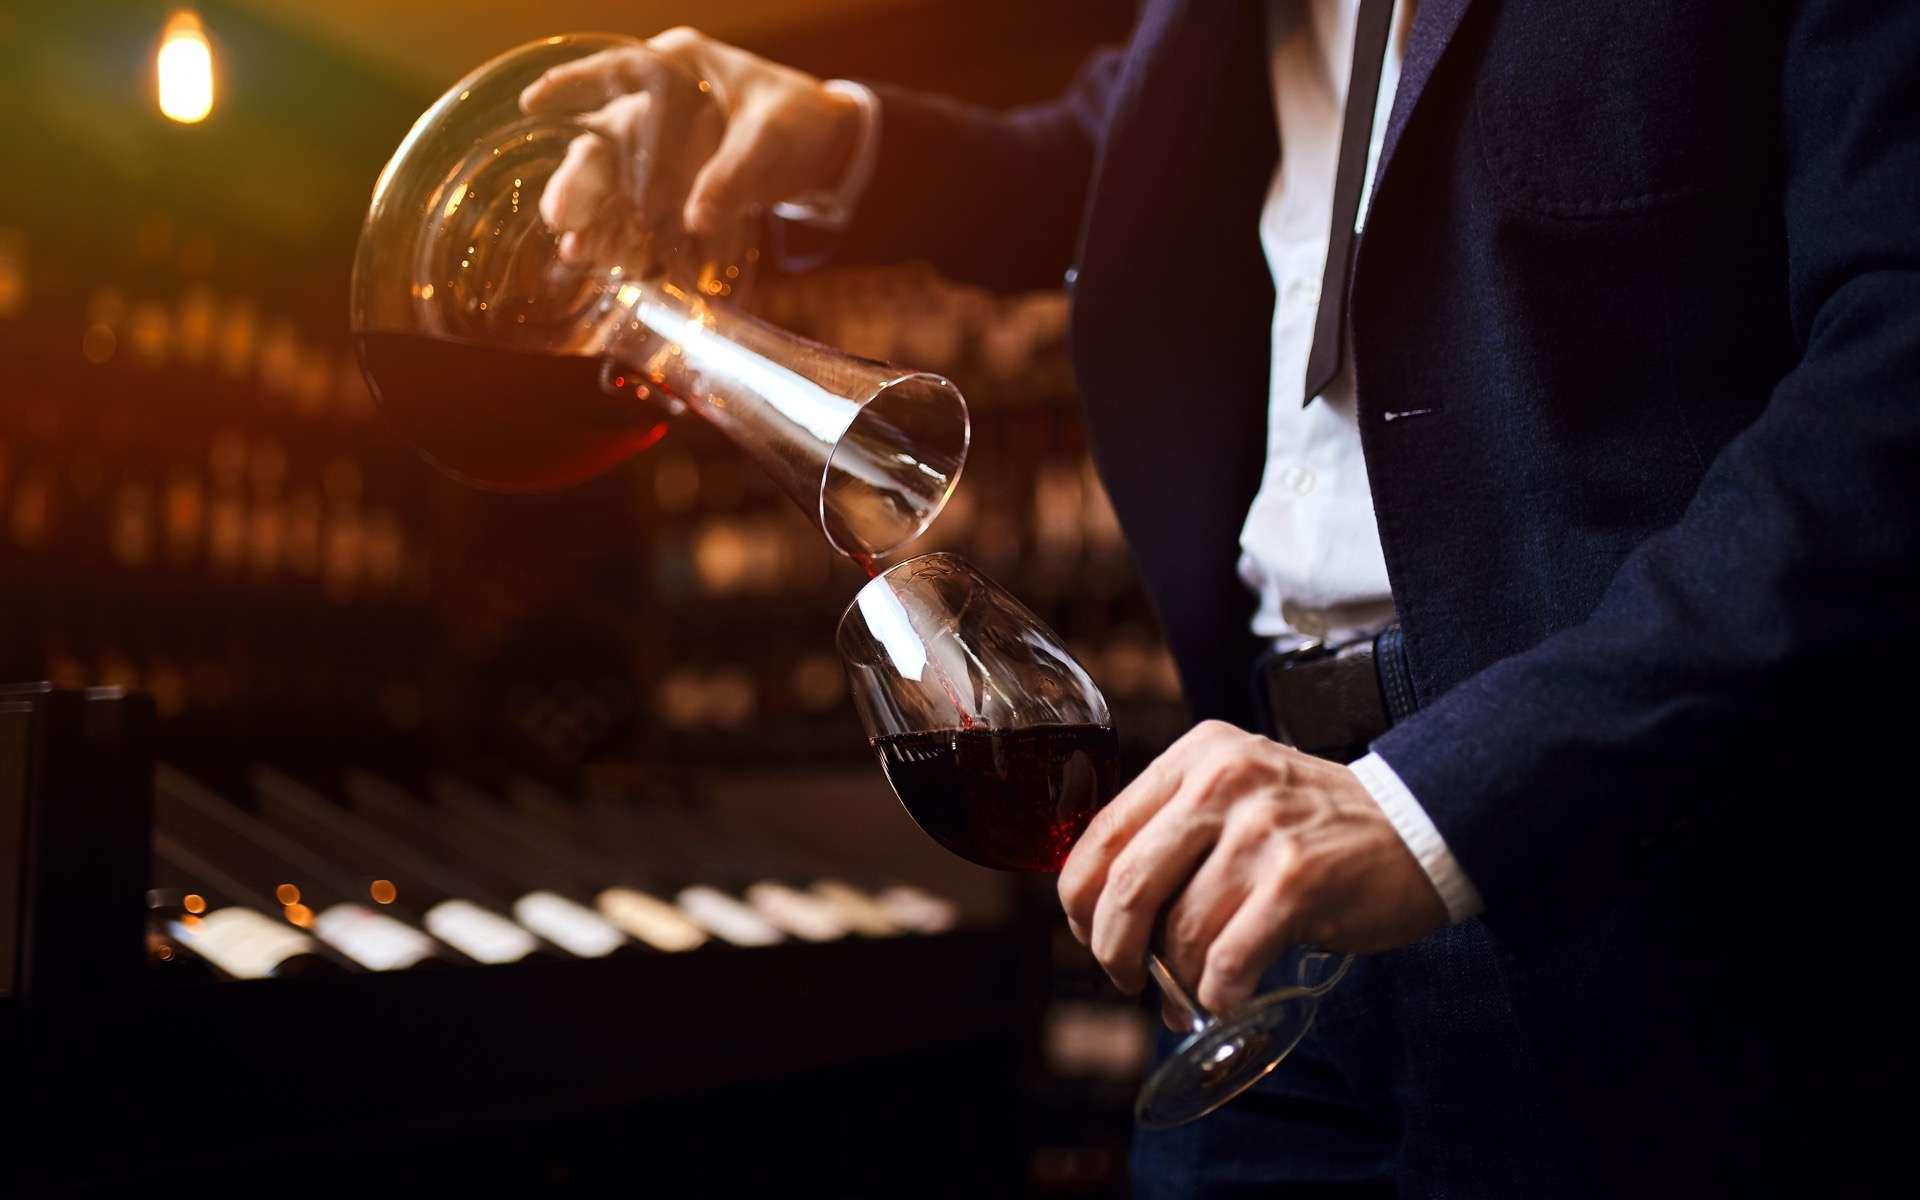 Quelle est l'incidence de la radiation et de la micro-gravité sur le vin et les sarments de vigne ? © the faces, Adobe Stock